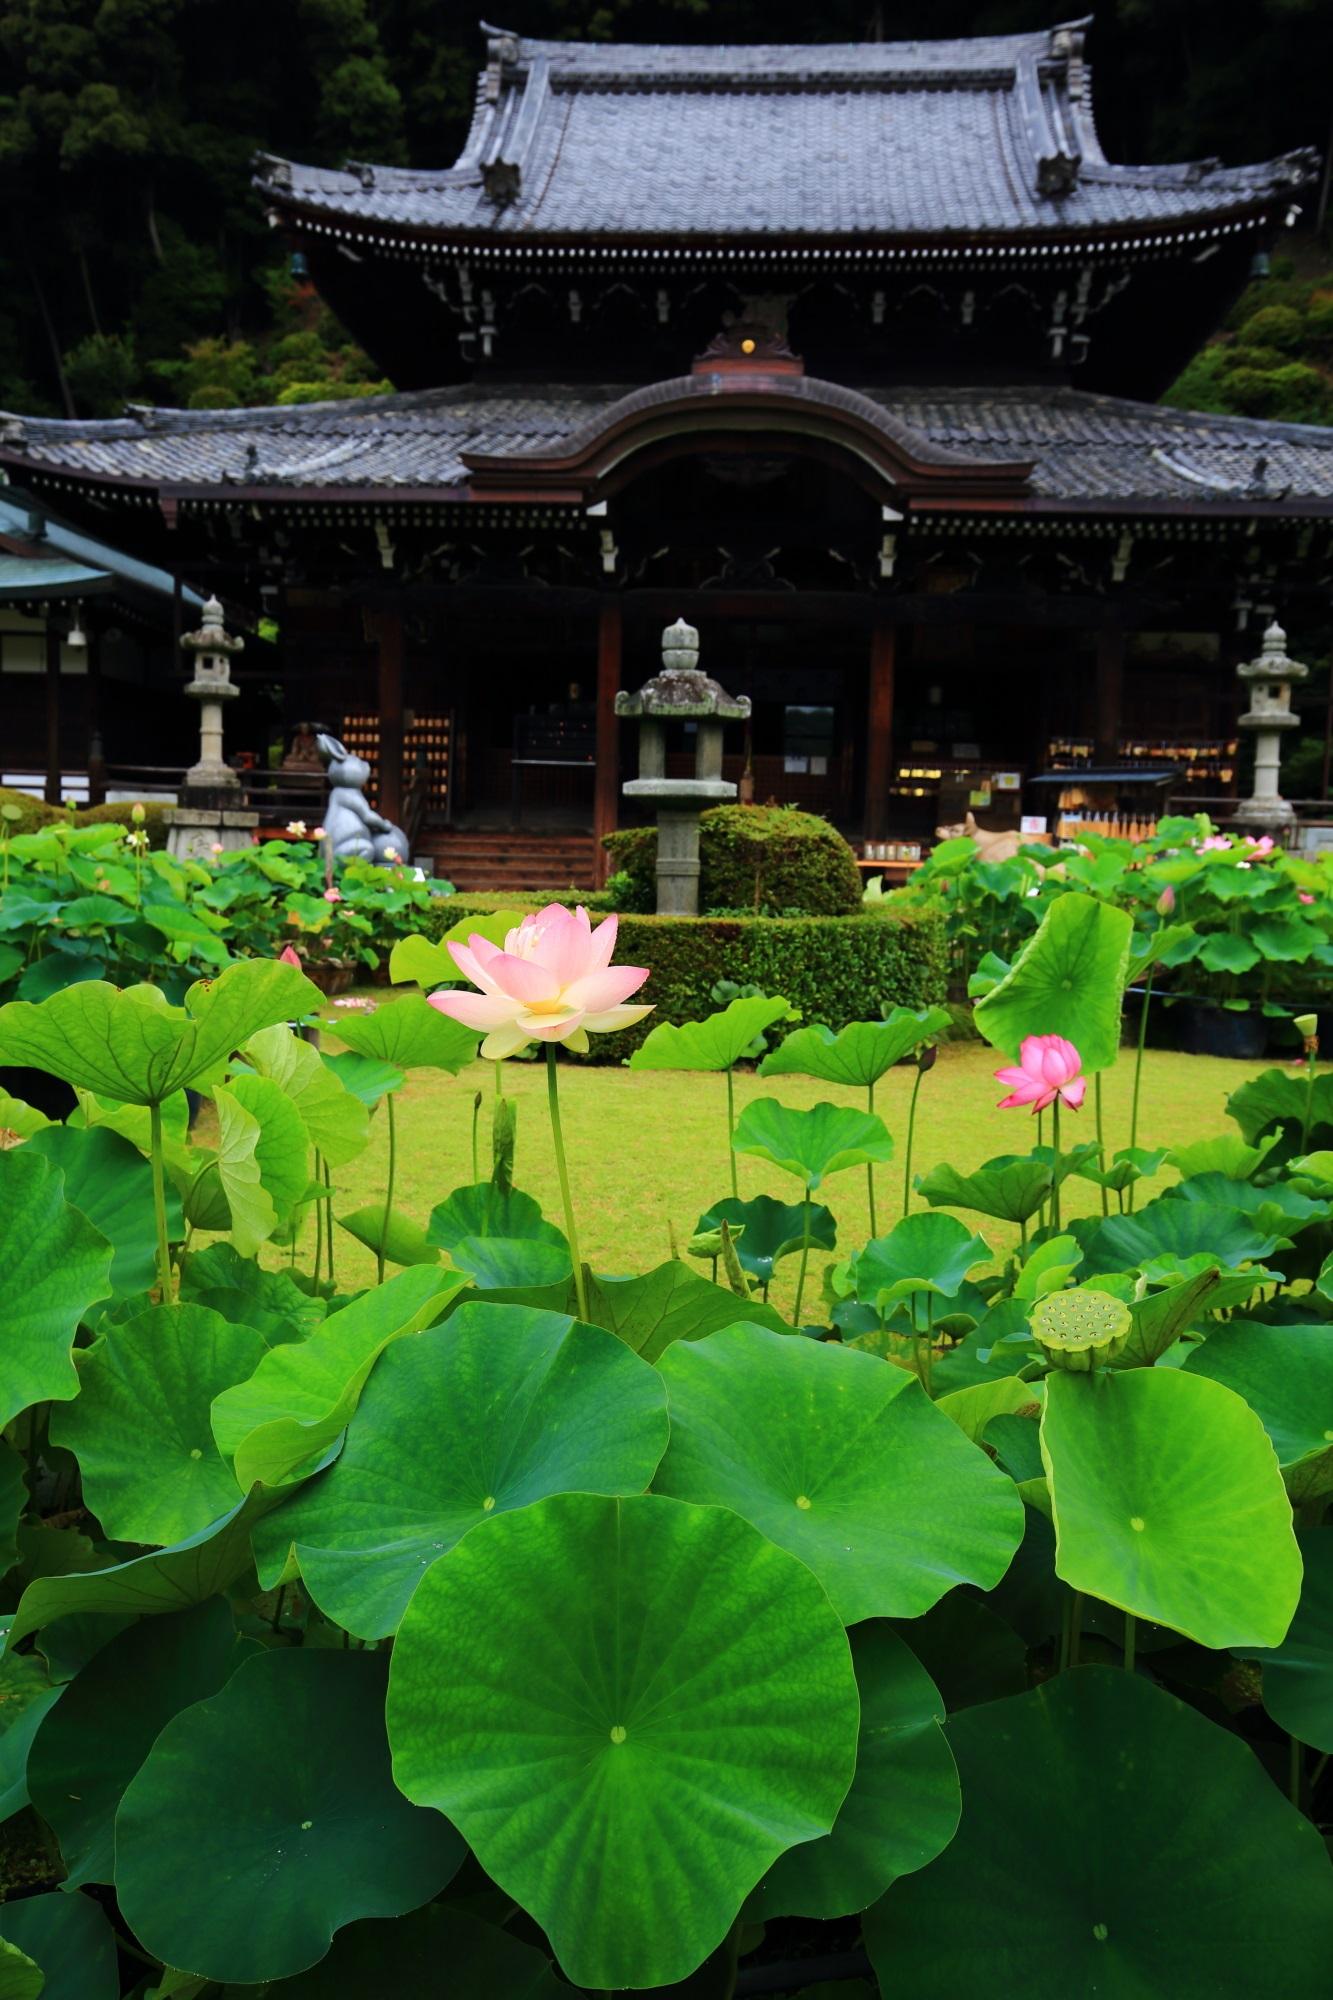 花もさることながら丸い緑の蓮の葉も綺麗な三室戸寺